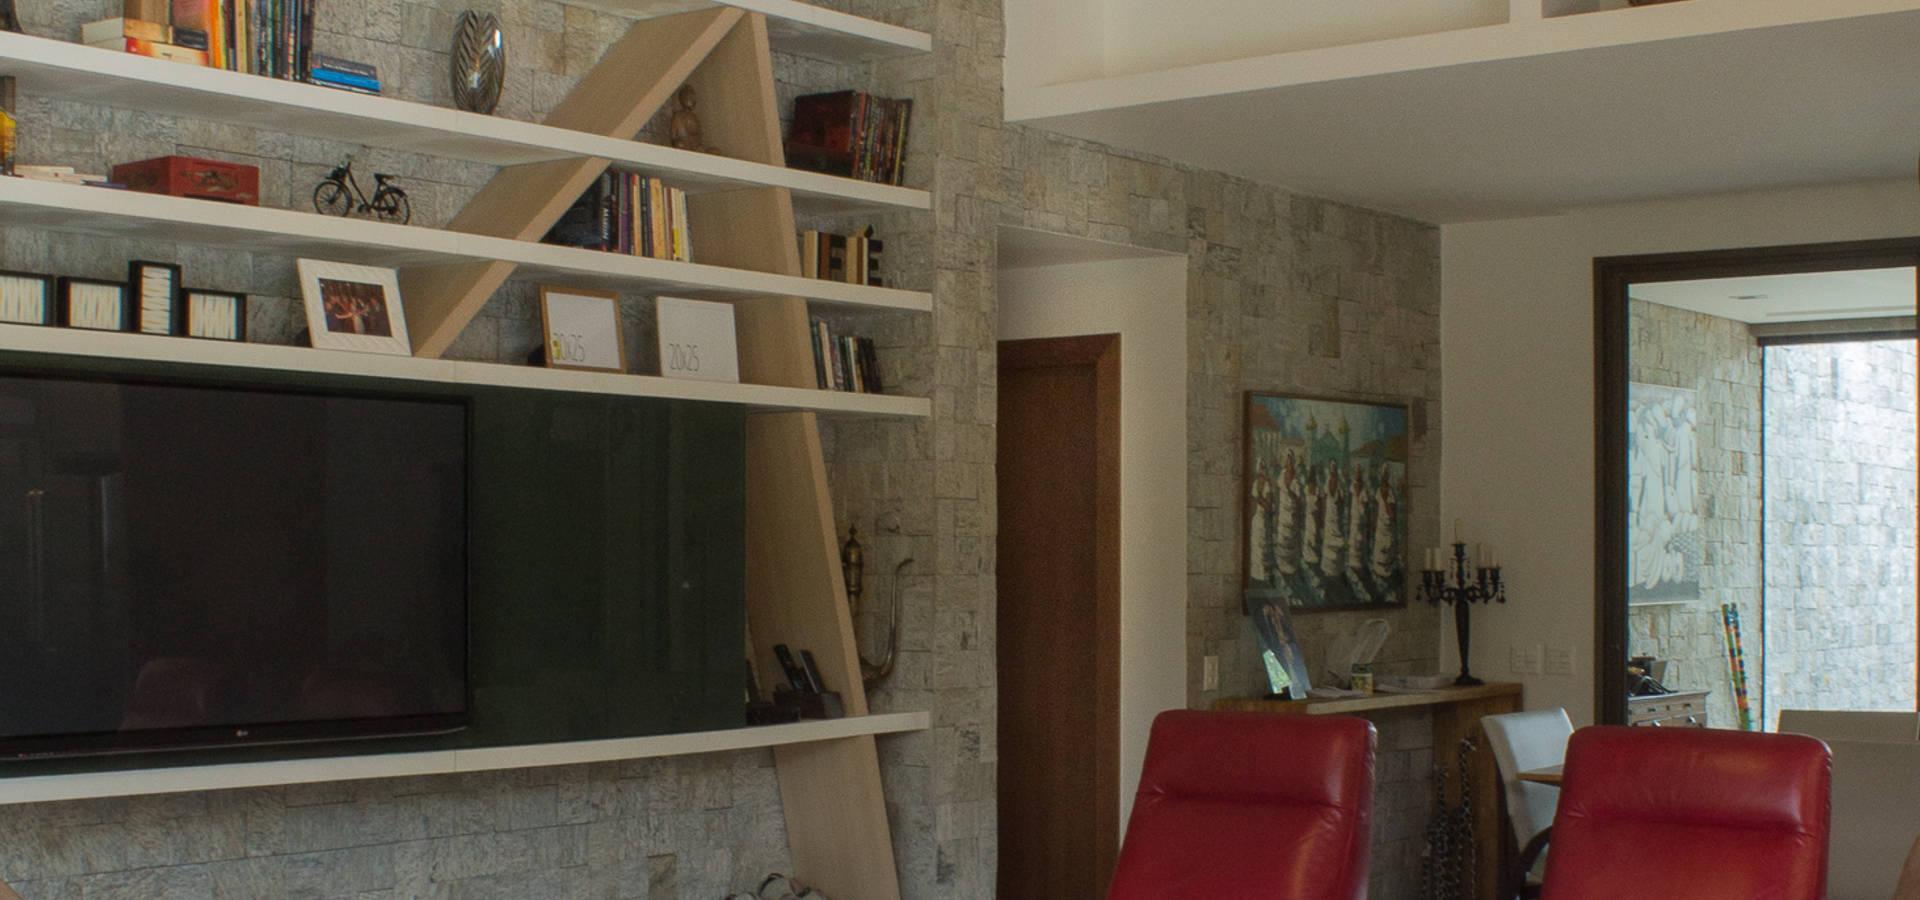 AURORA Arquitetura – Design 4 Stays